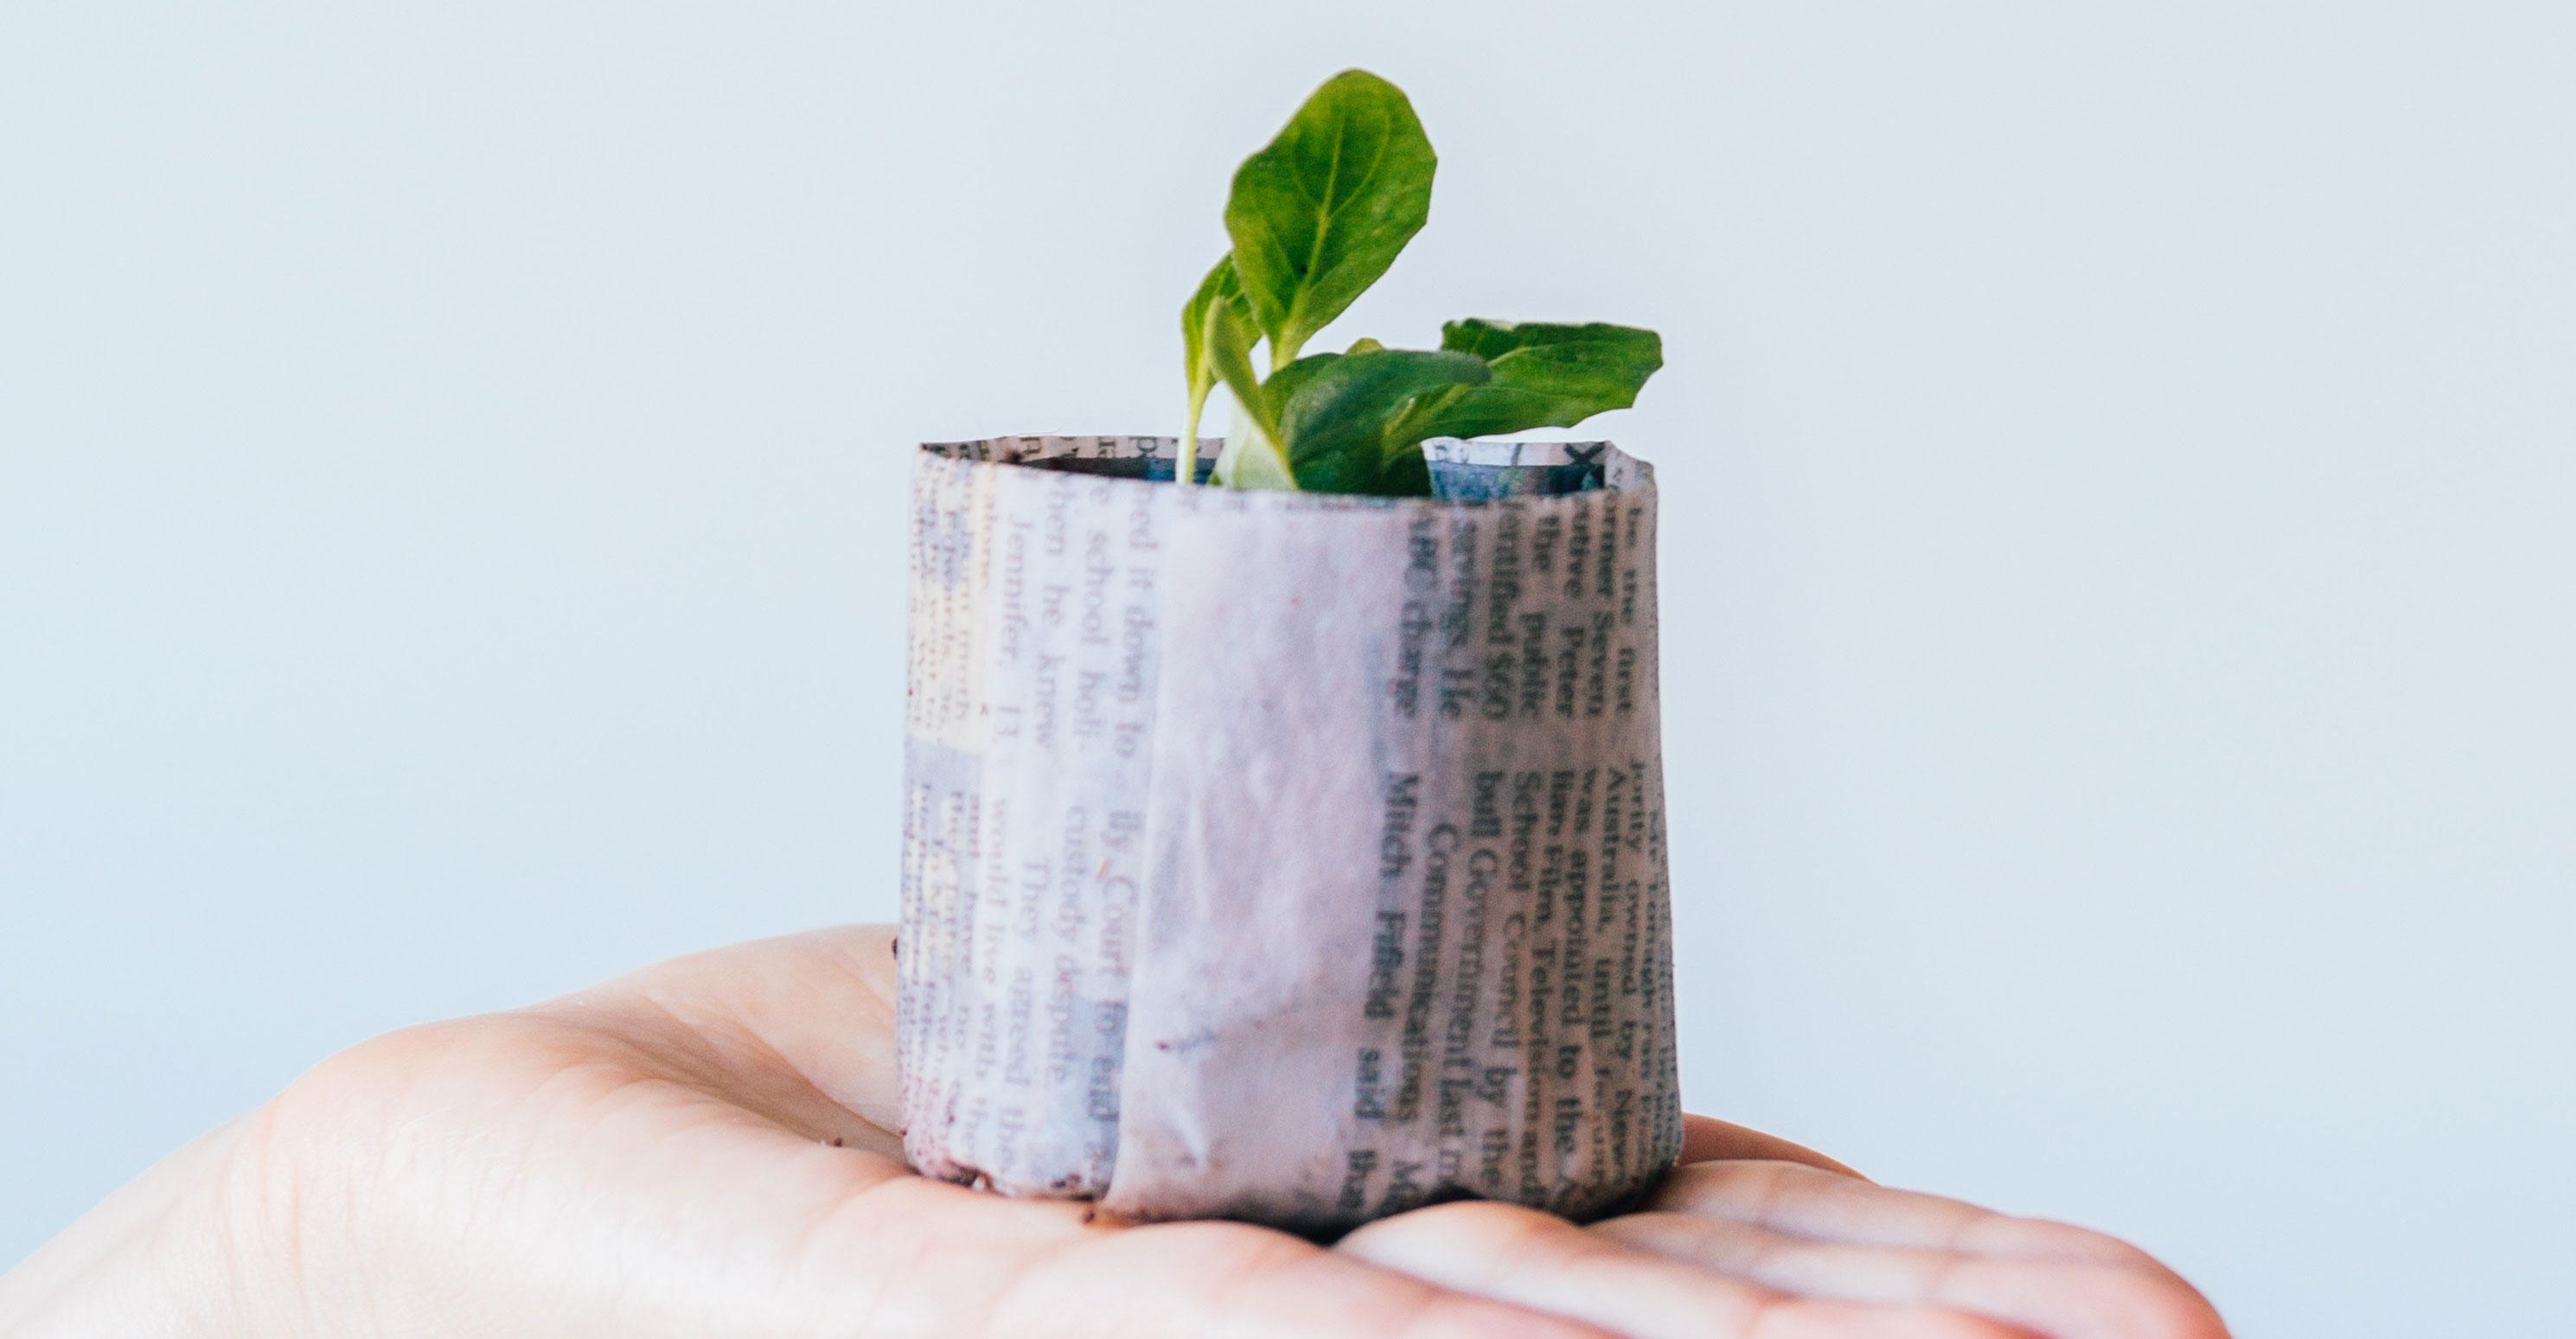 diccionario para ser más sostenible